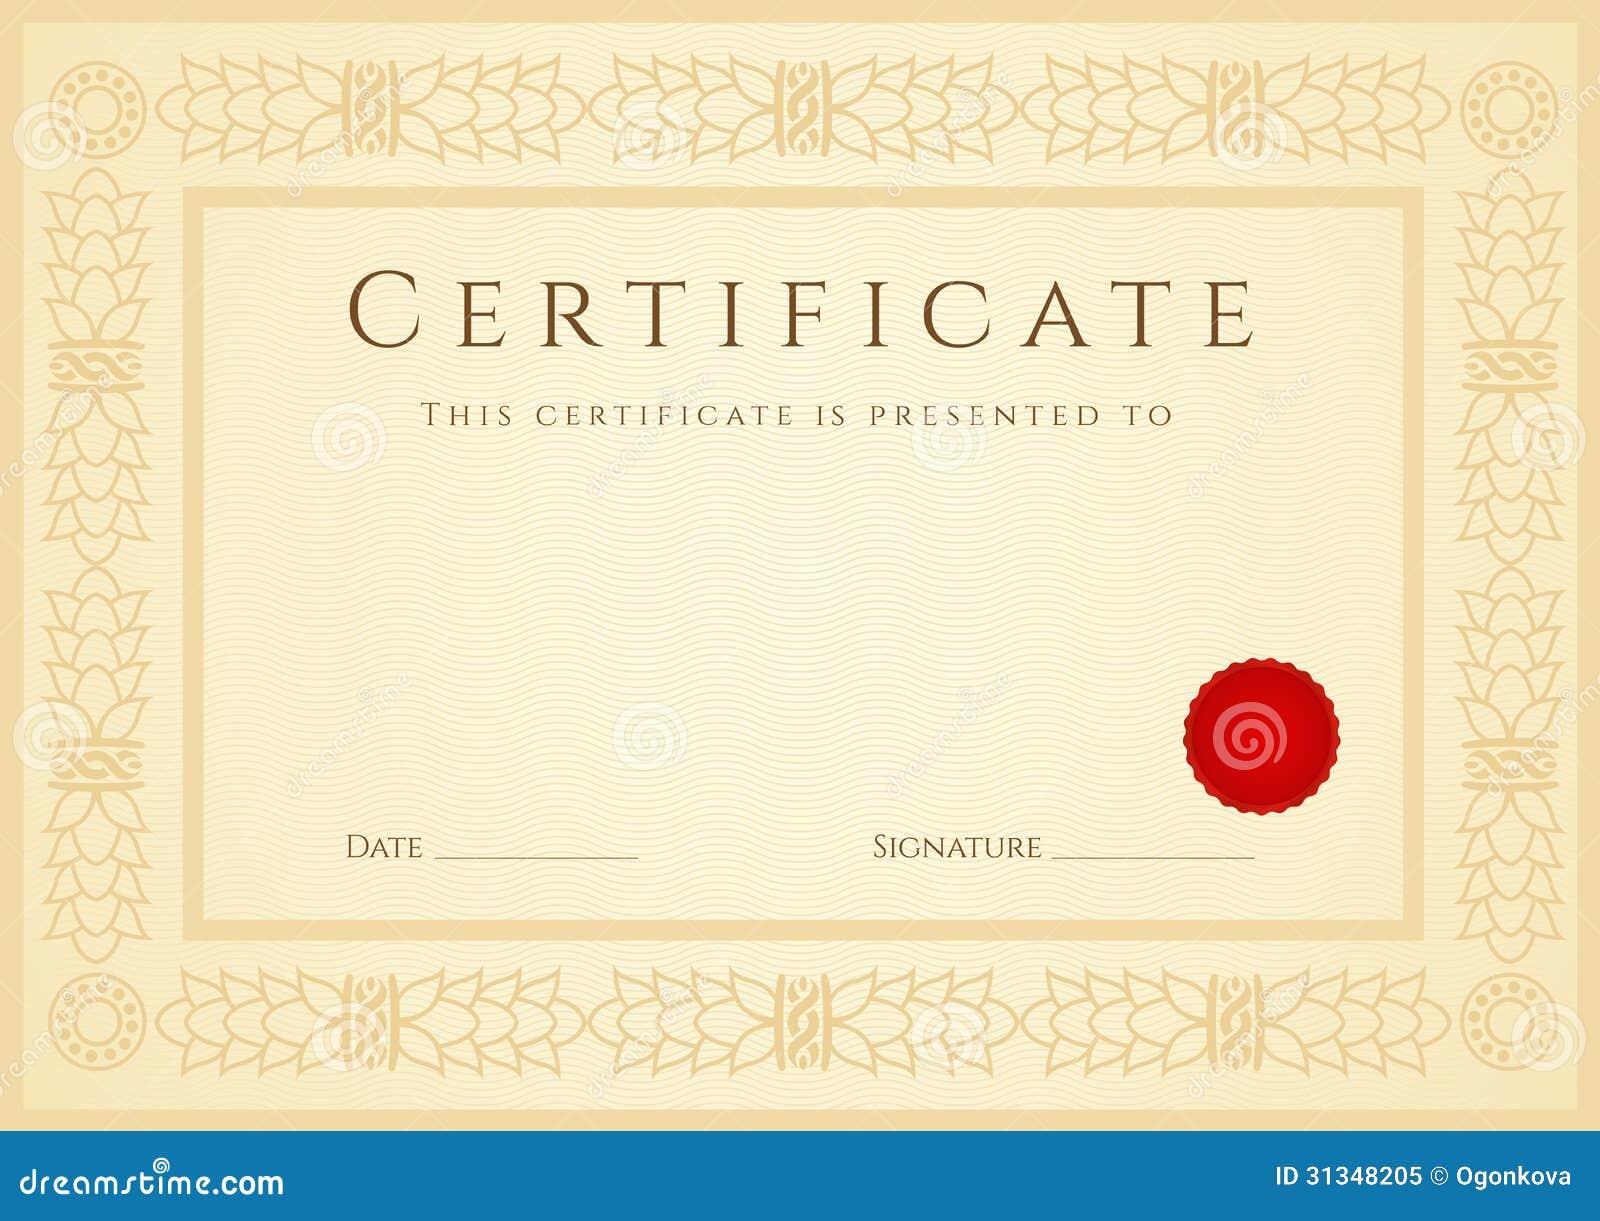 Предпосылка сертификата диплома шаблон Рамка Иллюстрация  Предпосылка сертификата диплома шаблон Рамка